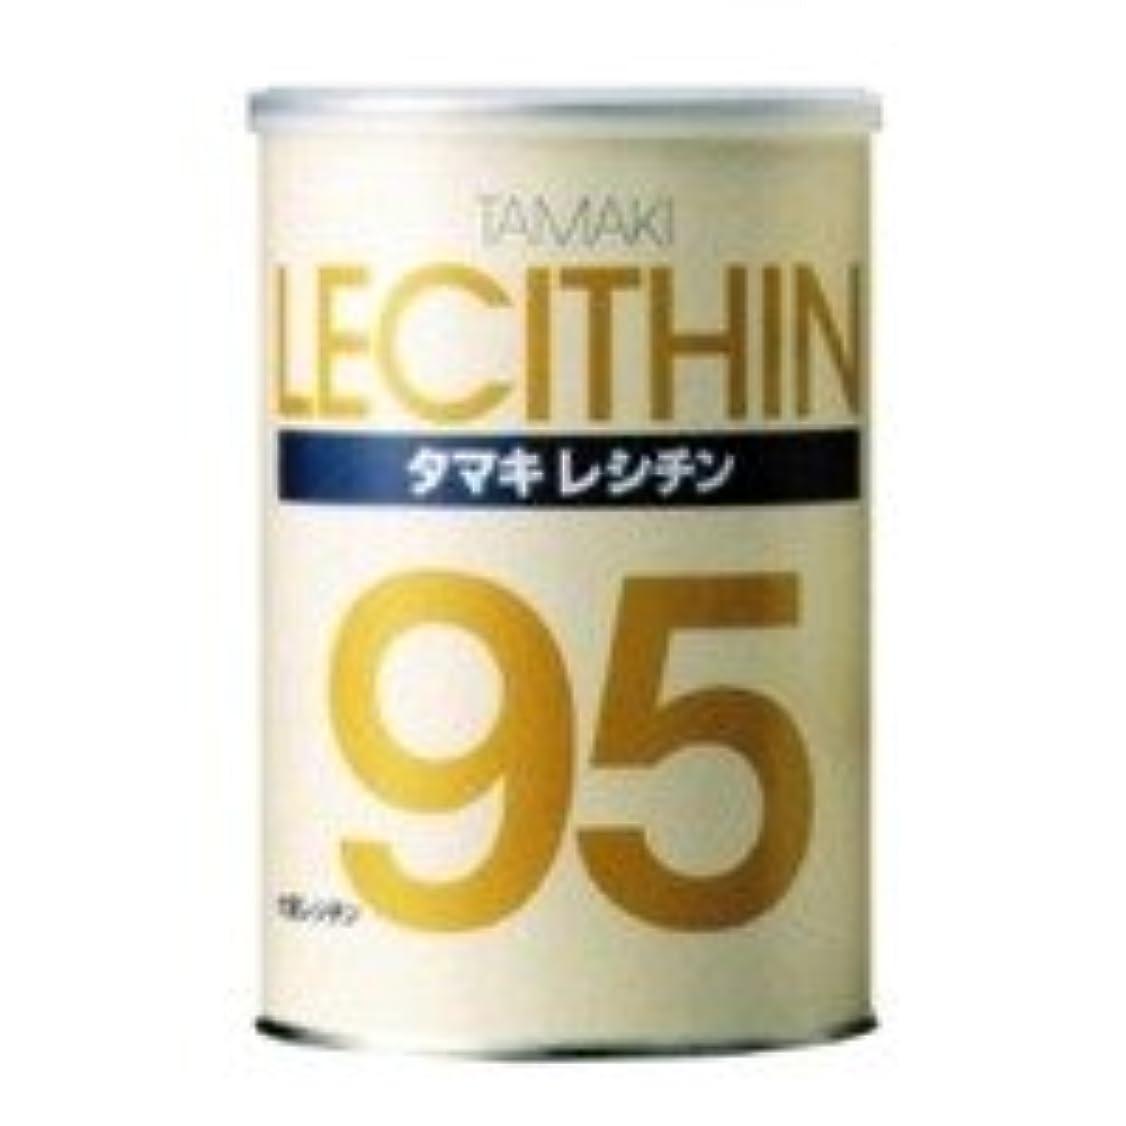 最大の動区別玉樹 レシチン 500g